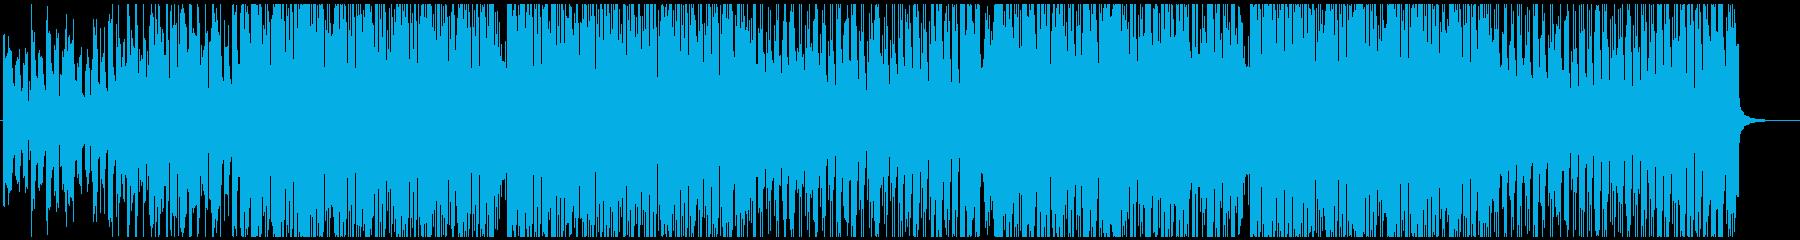 時代の先端を駆ける前向きな企業VP用楽曲の再生済みの波形